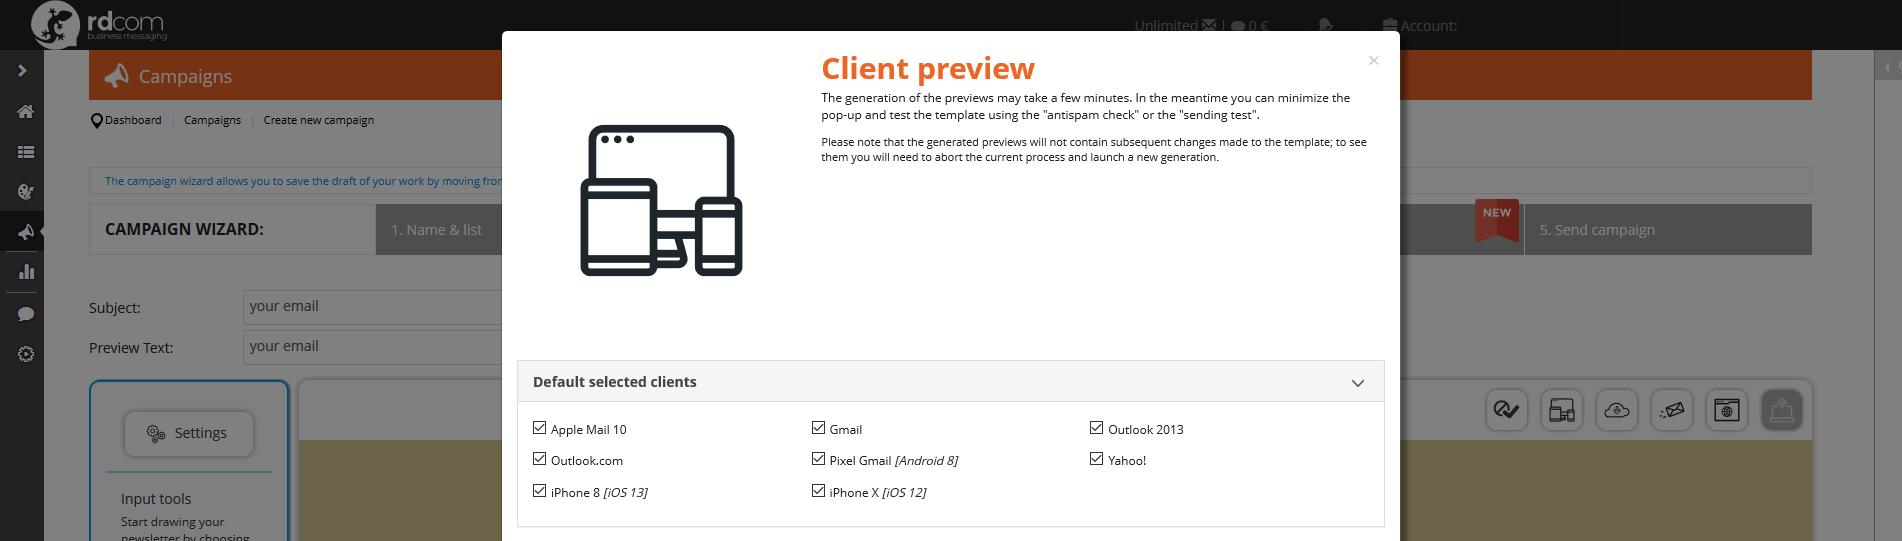 client-preview